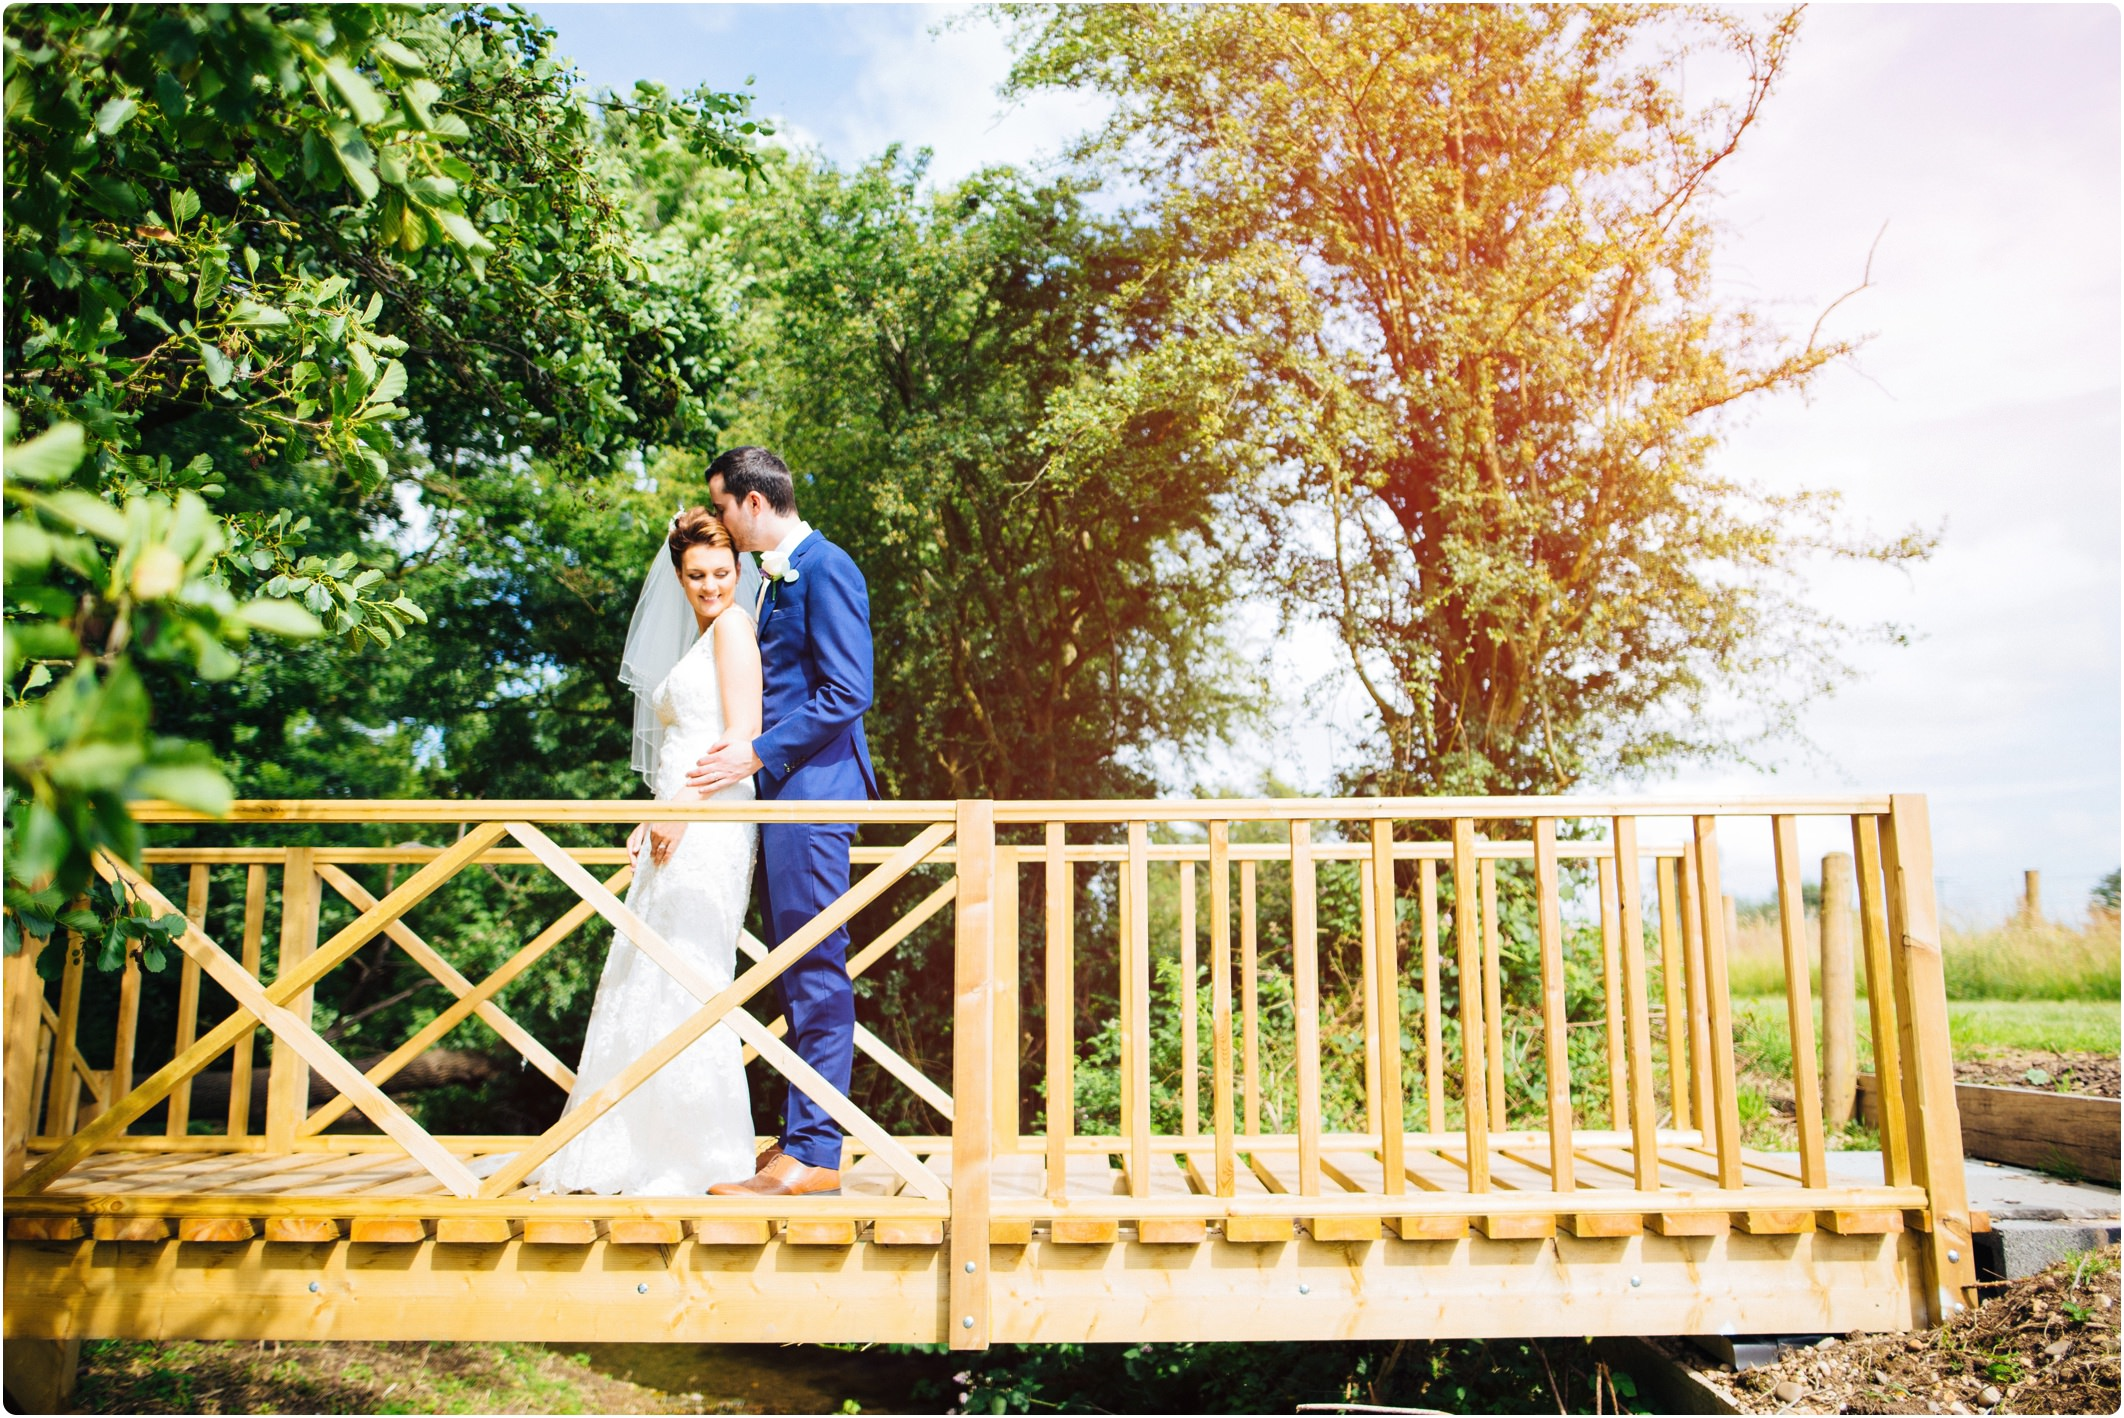 Swallows Nest Barn bridge shot